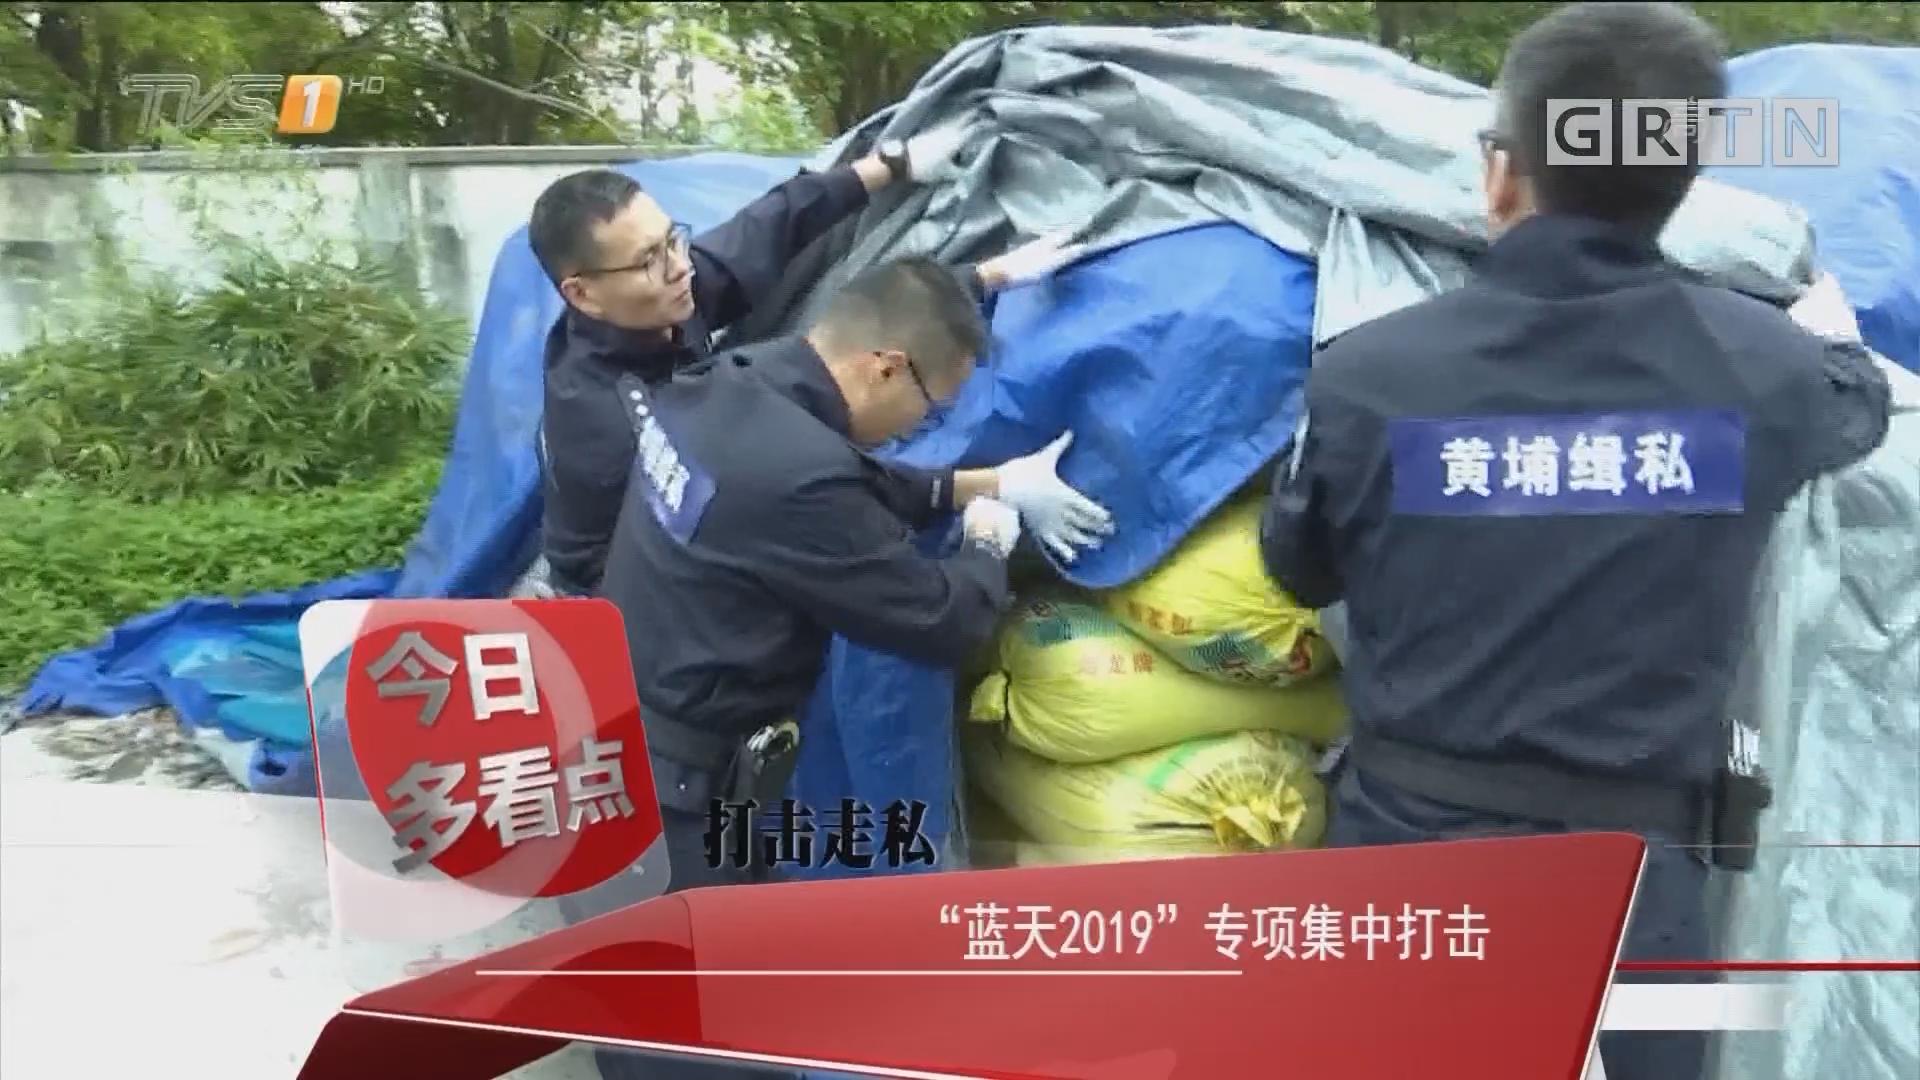 """打击走私 """"蓝天2019""""专项集中打击"""